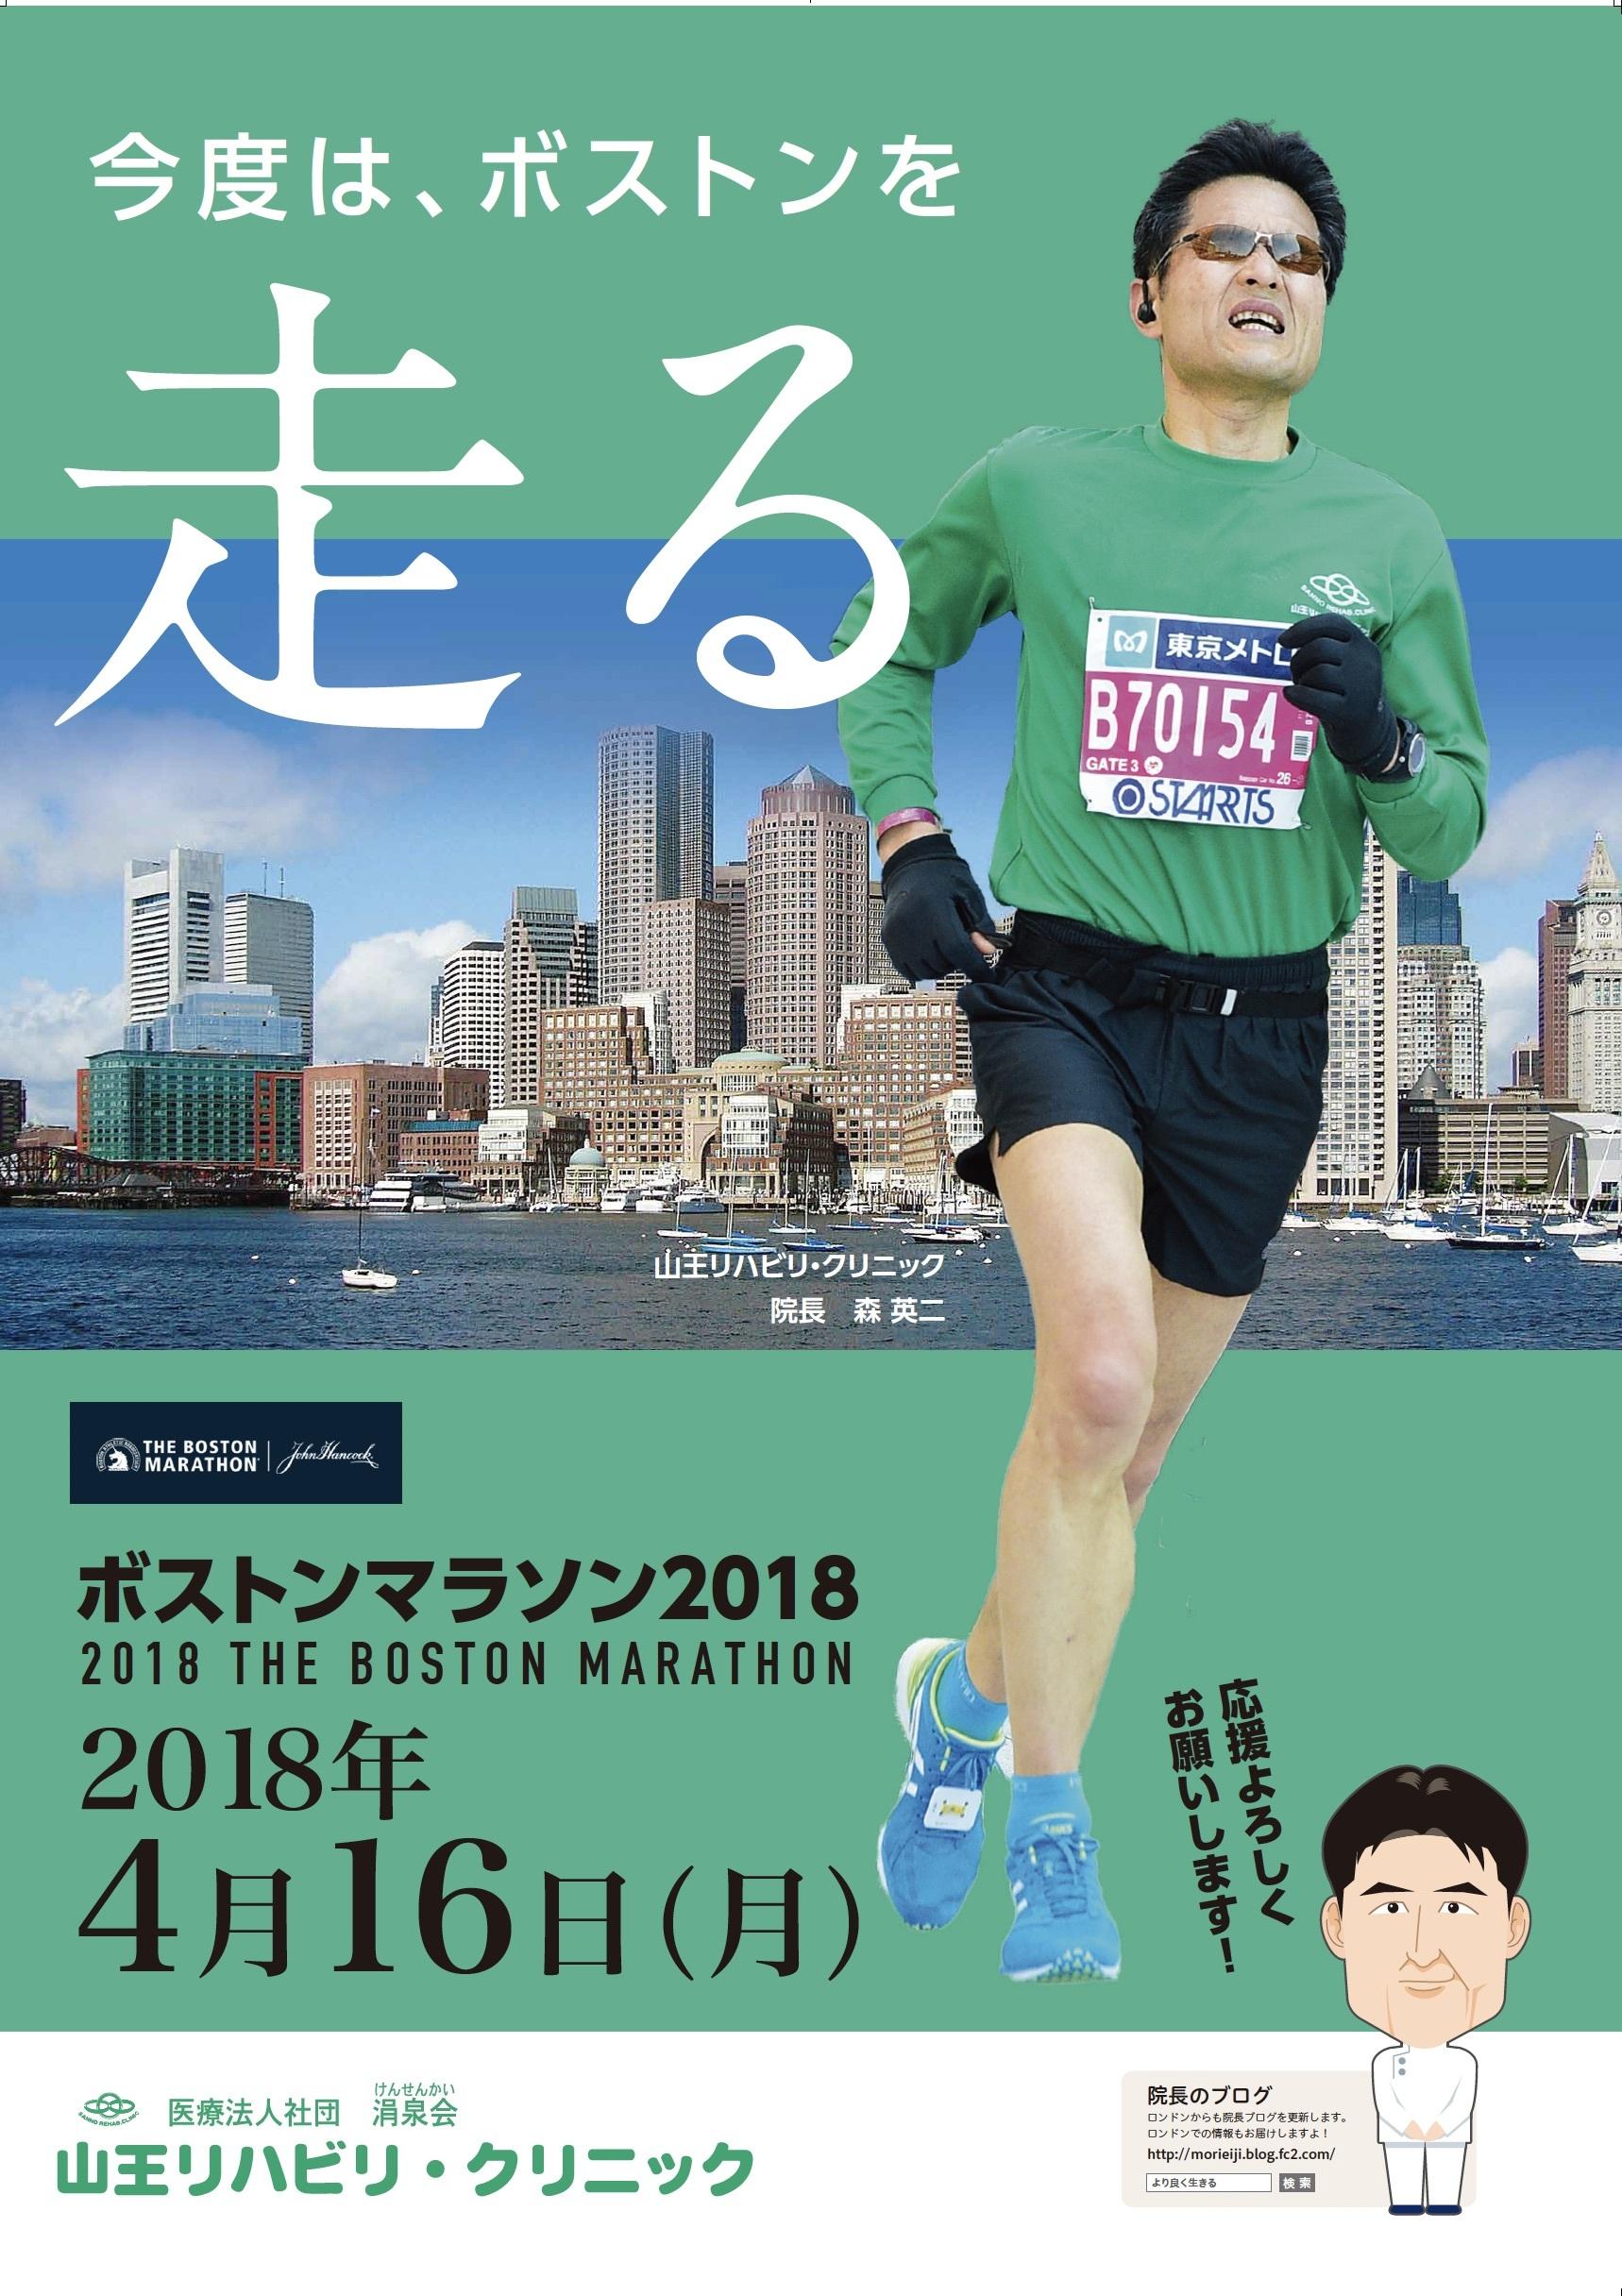 ボストンマラソン2018ポスター